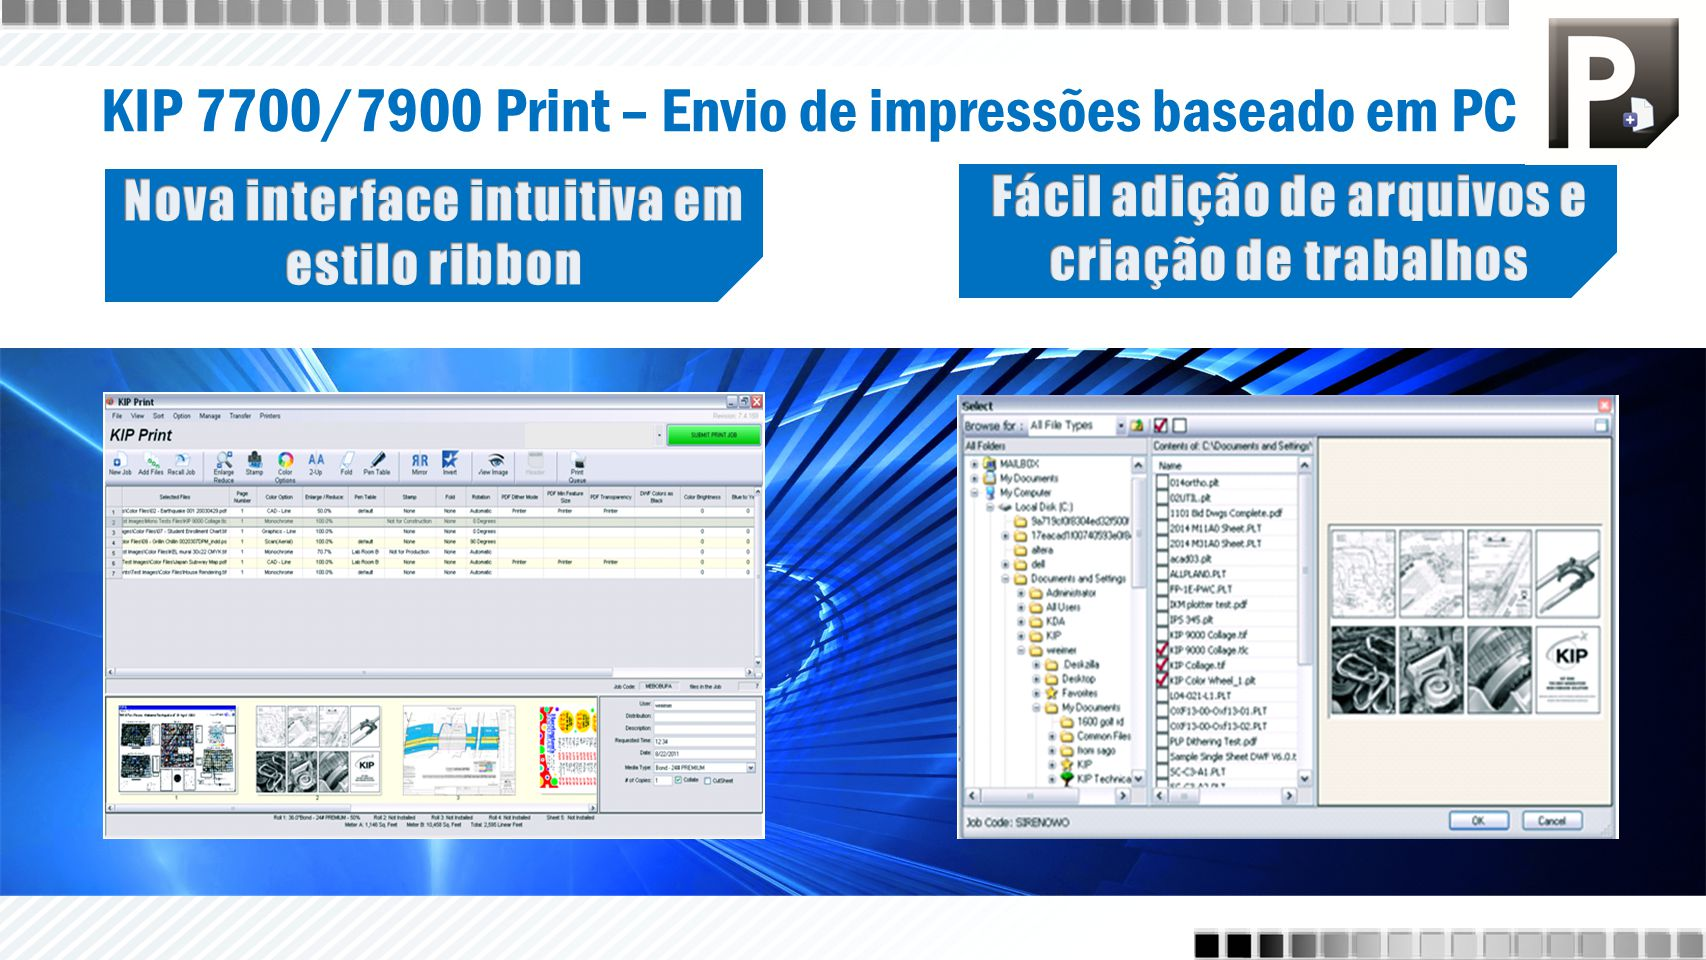 KIP 7700/7900 Print – Envio de impressões baseado em PC